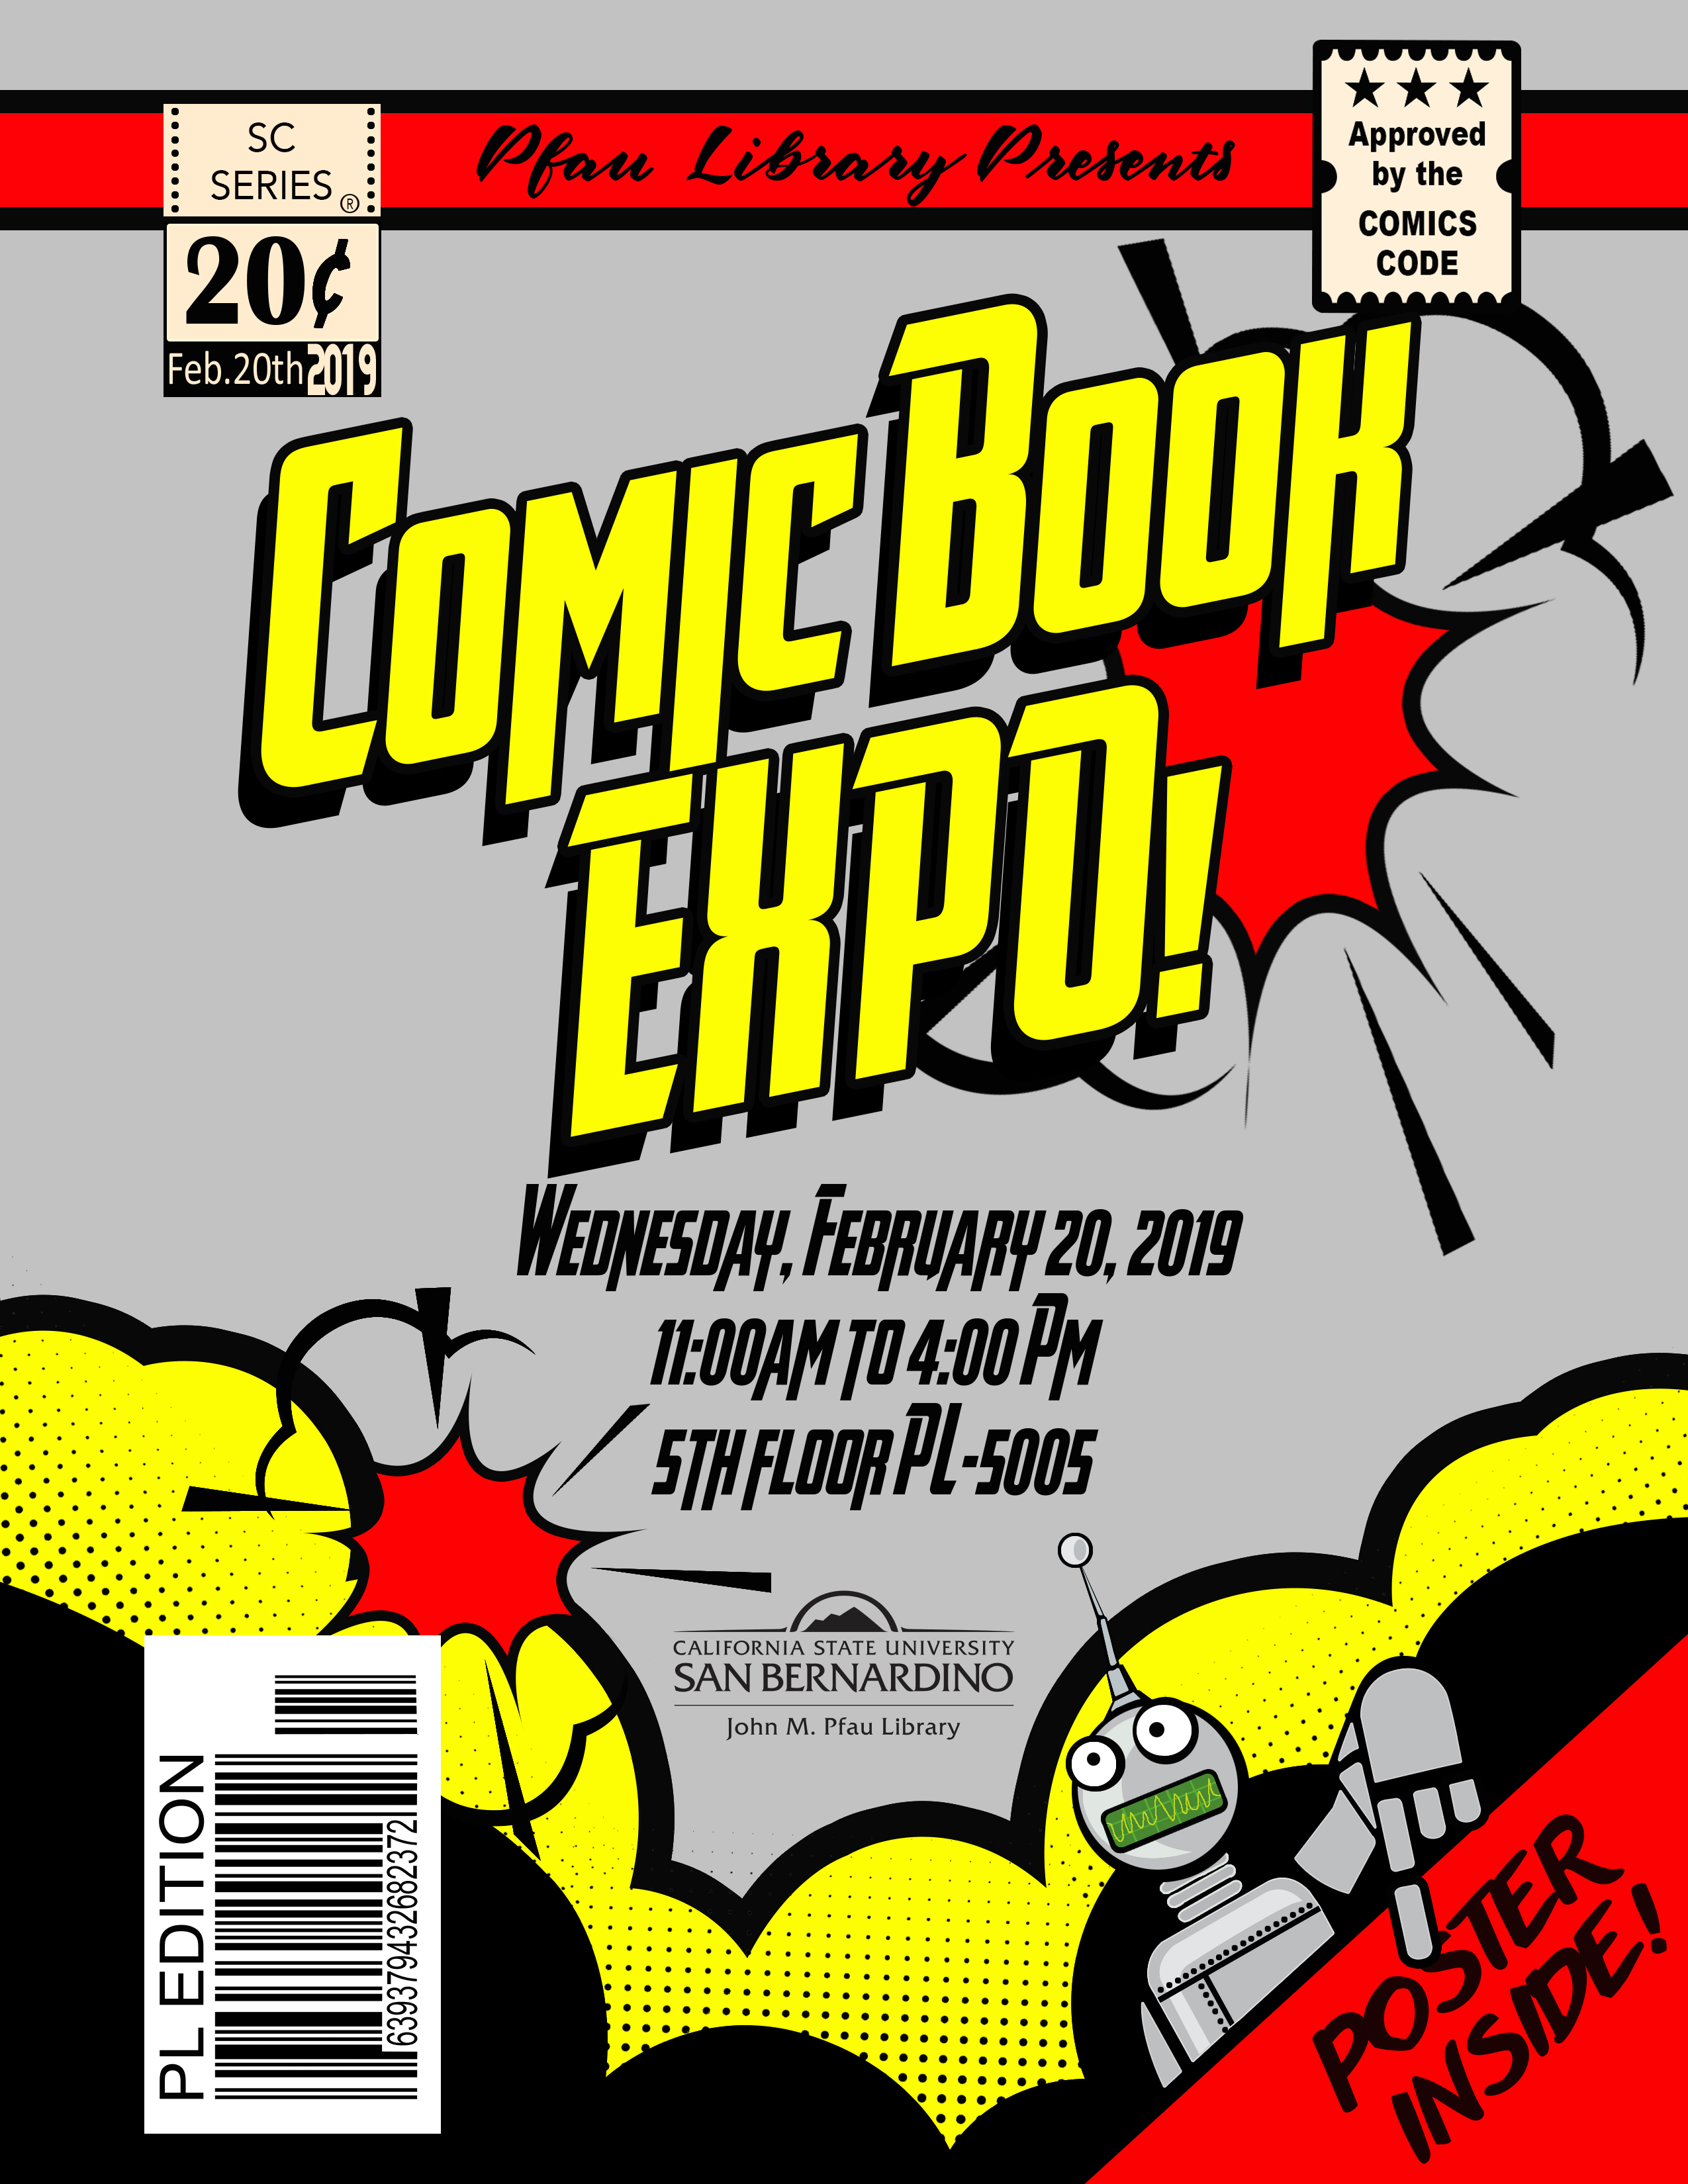 Comic Book Expo 2019